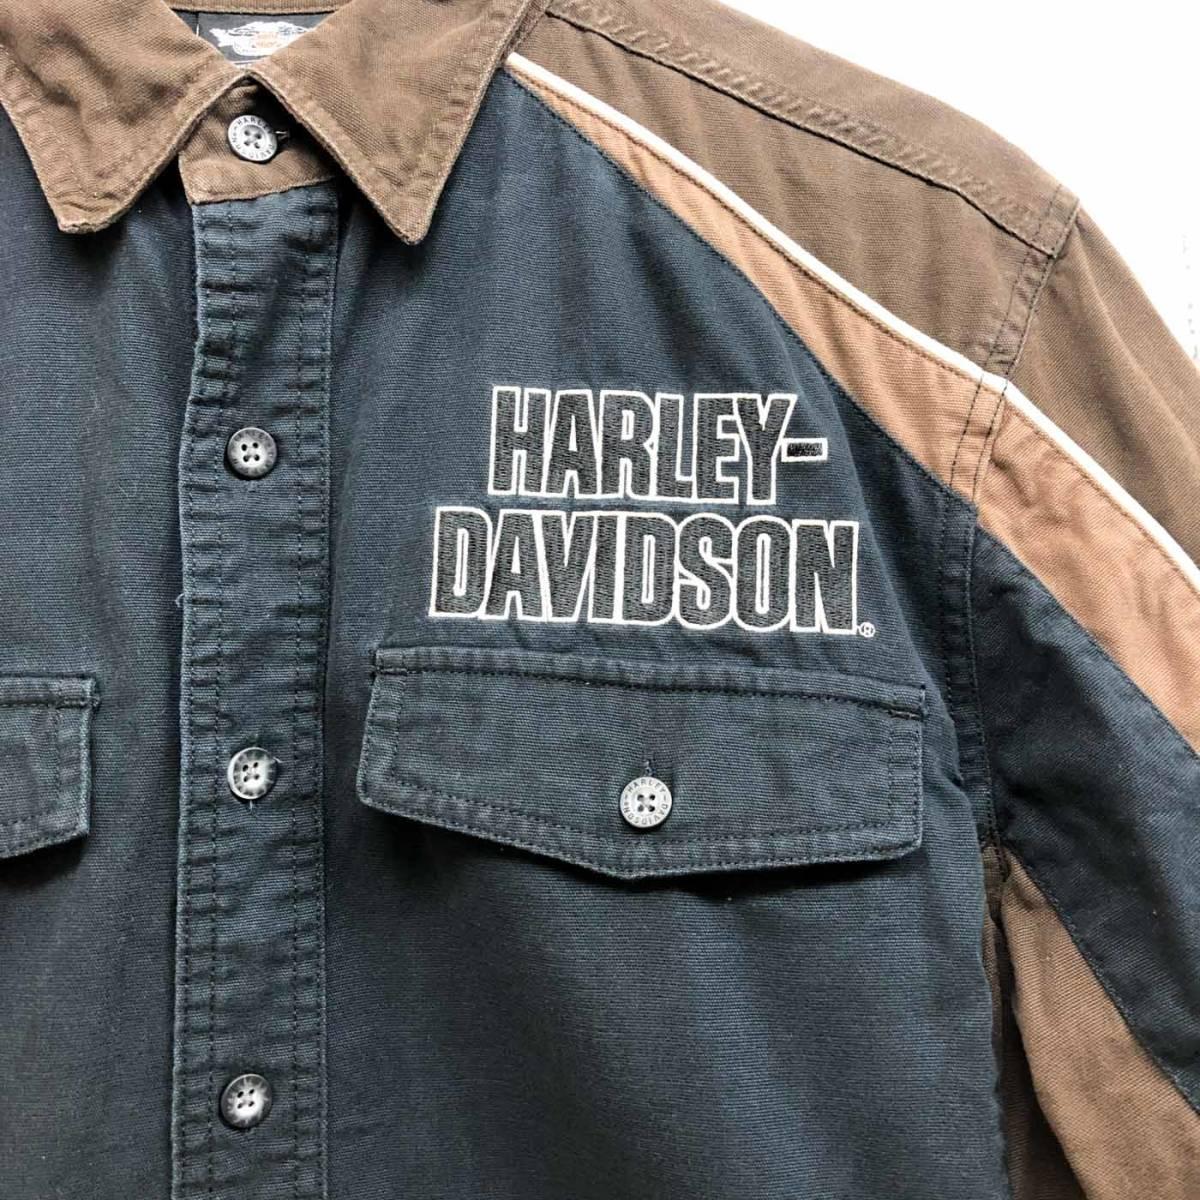 HARLEY DAVIDSON ハーレーダビッドソン 古着 半袖シャツ メンズ コットン100% Mサイズ 9-66_画像4